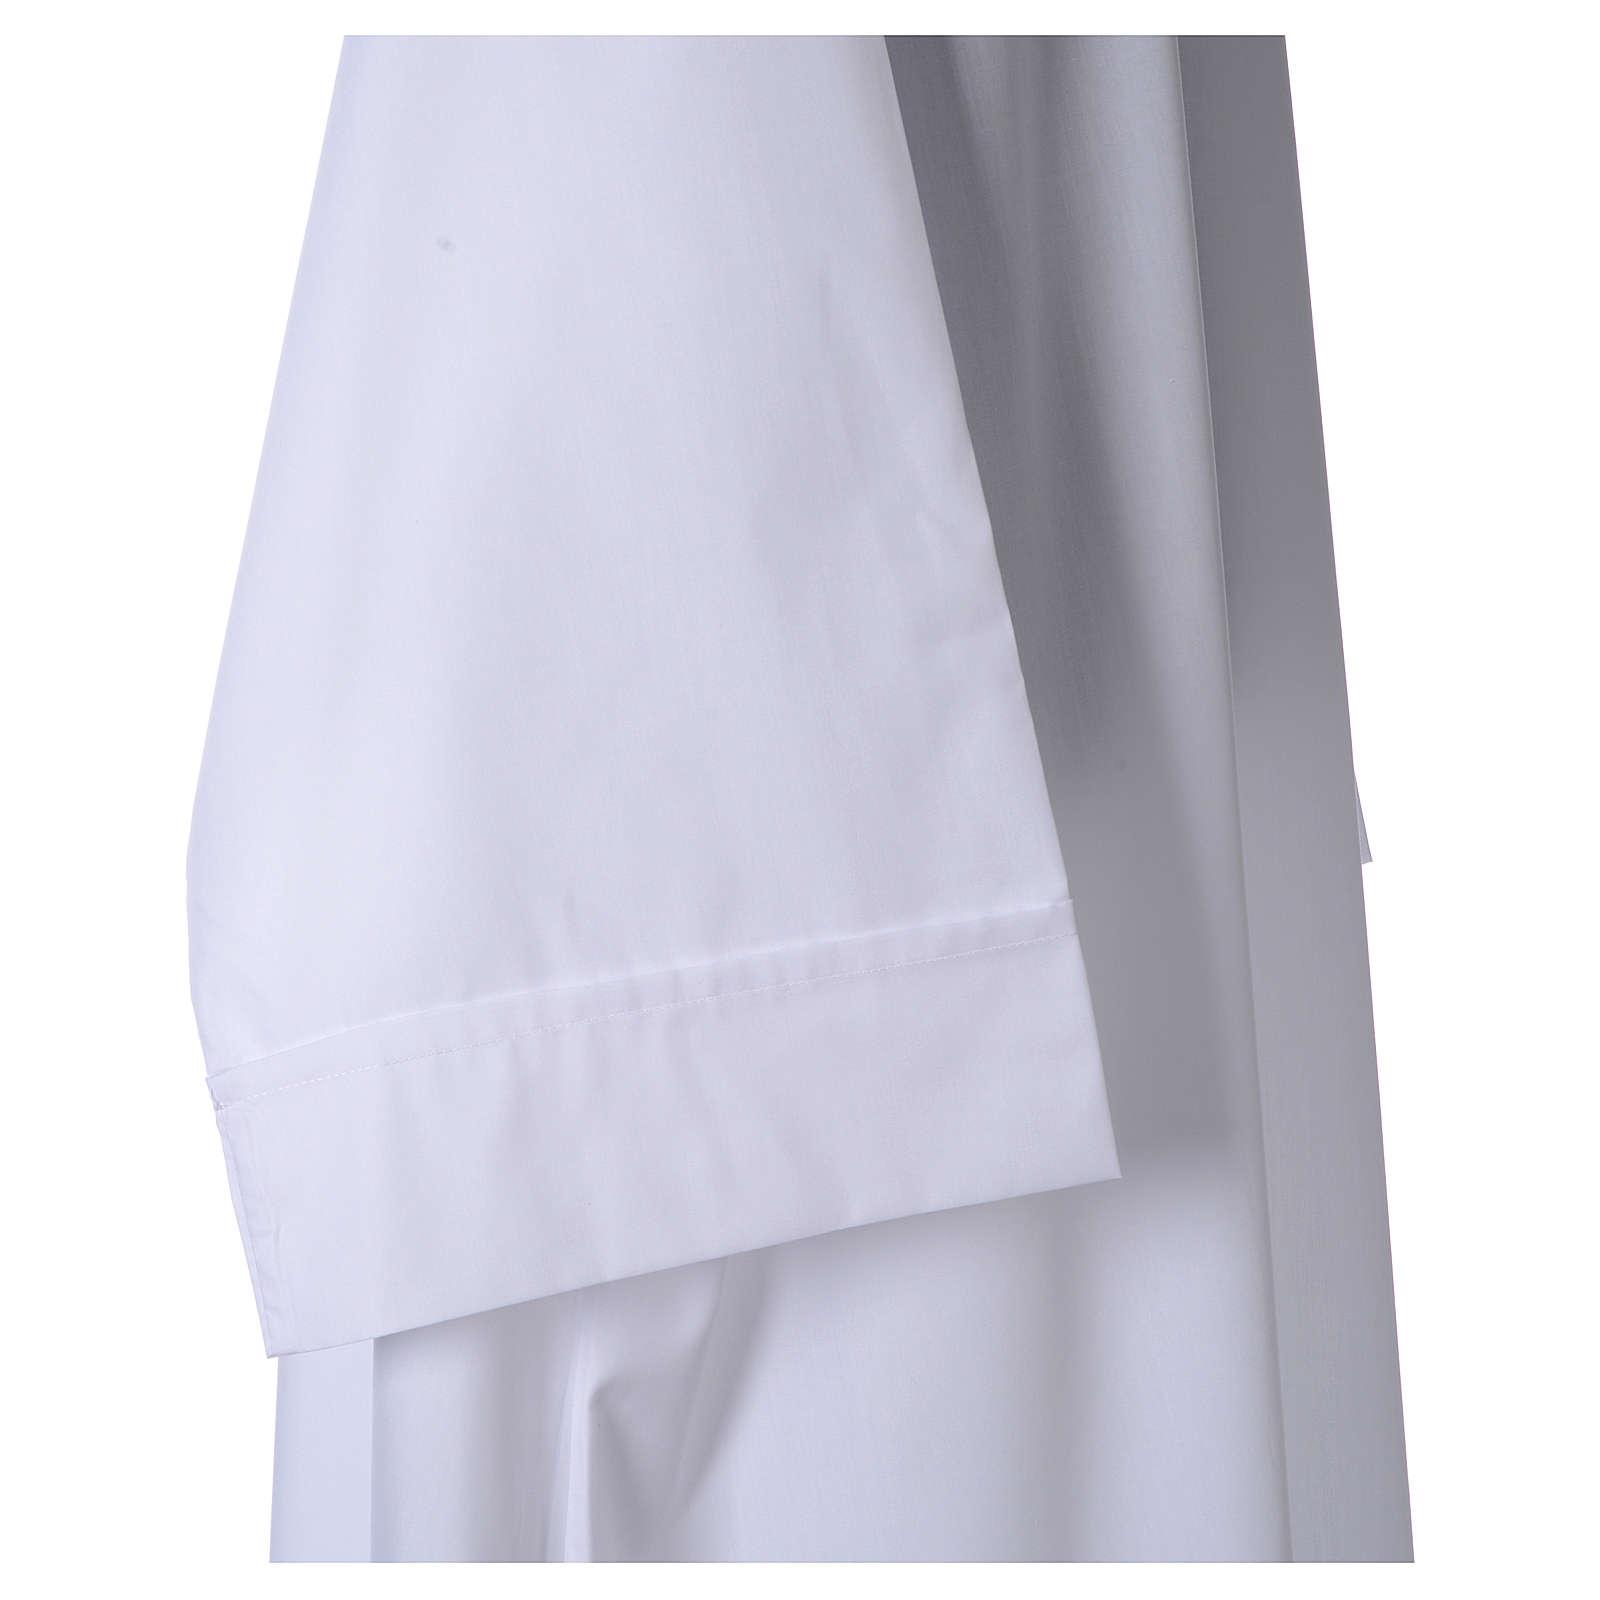 Camice bianco 65% pol. 35% cotone semplice cerniera davanti 4